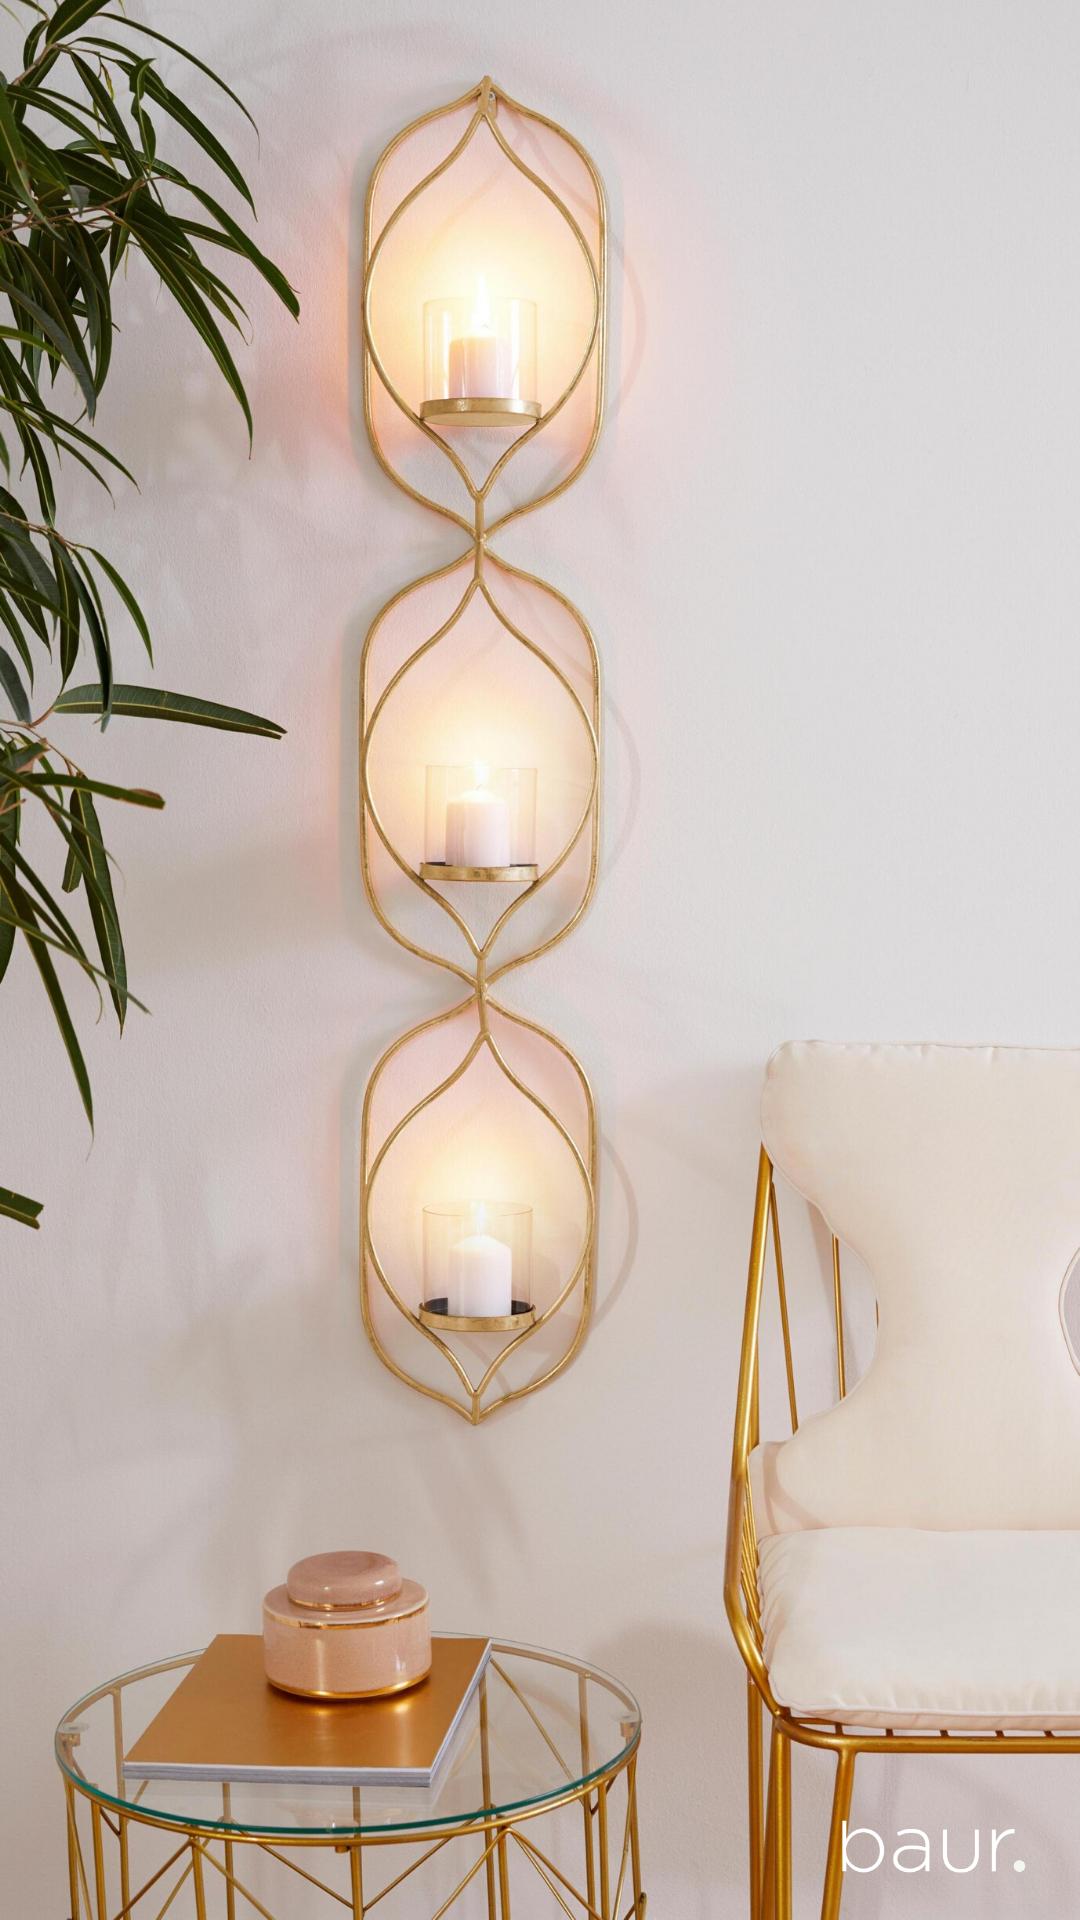 Deko Ideen von baur.de – entdecke tolle Wohnaccessoires für dein Zuhause